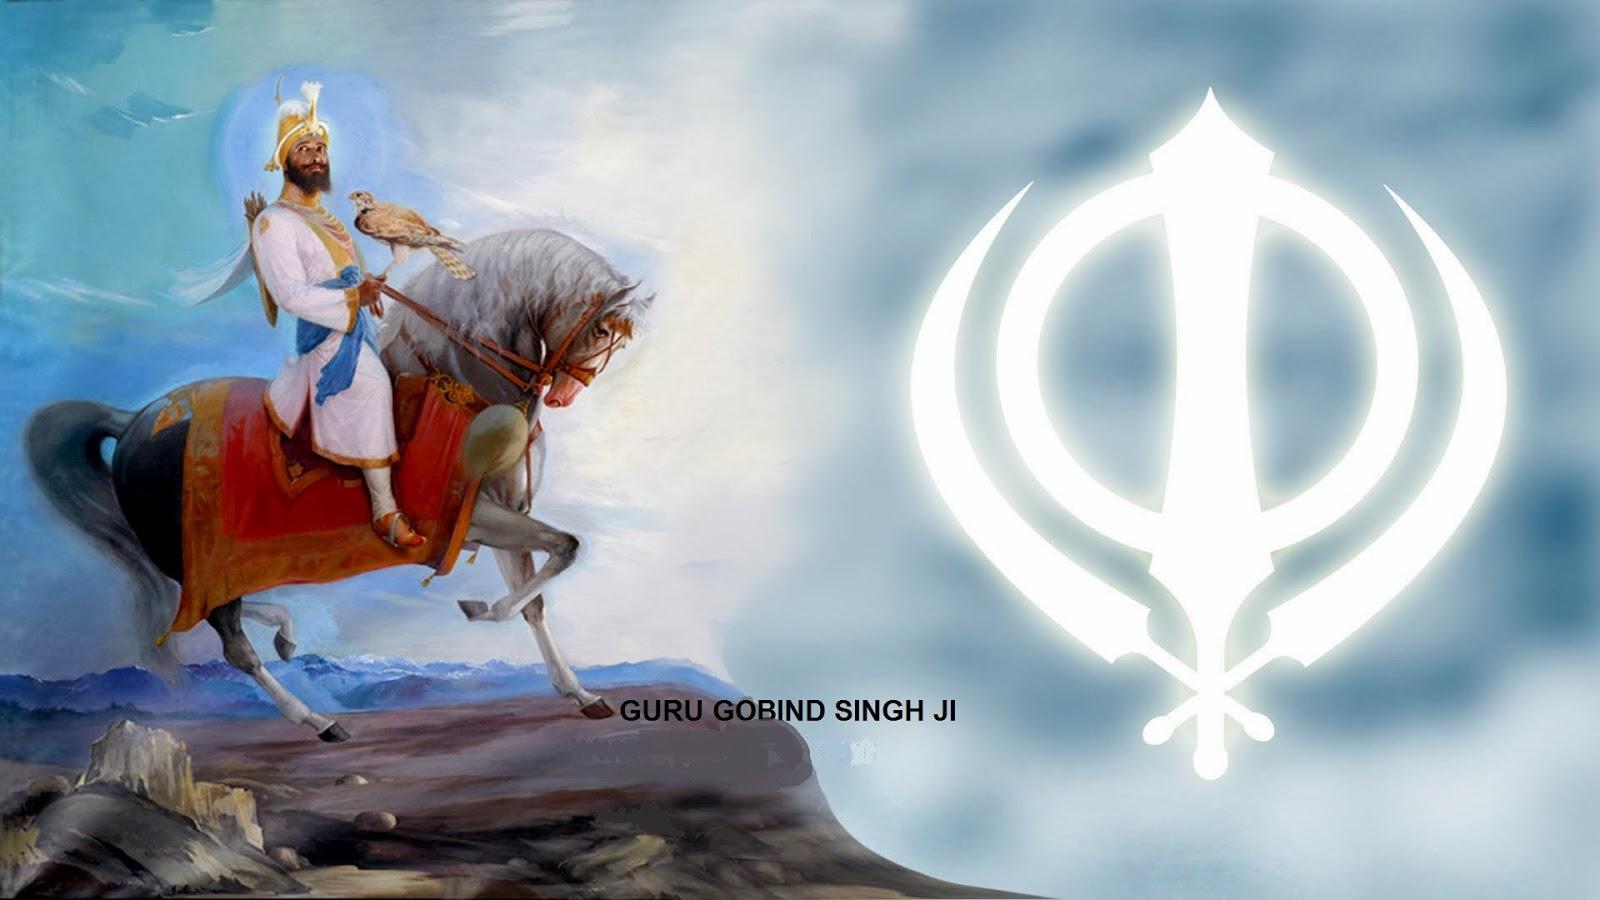 Good   Wallpaper Horse Warrior - gobind-guru-singh-ji-158783  2018_154624.jpg